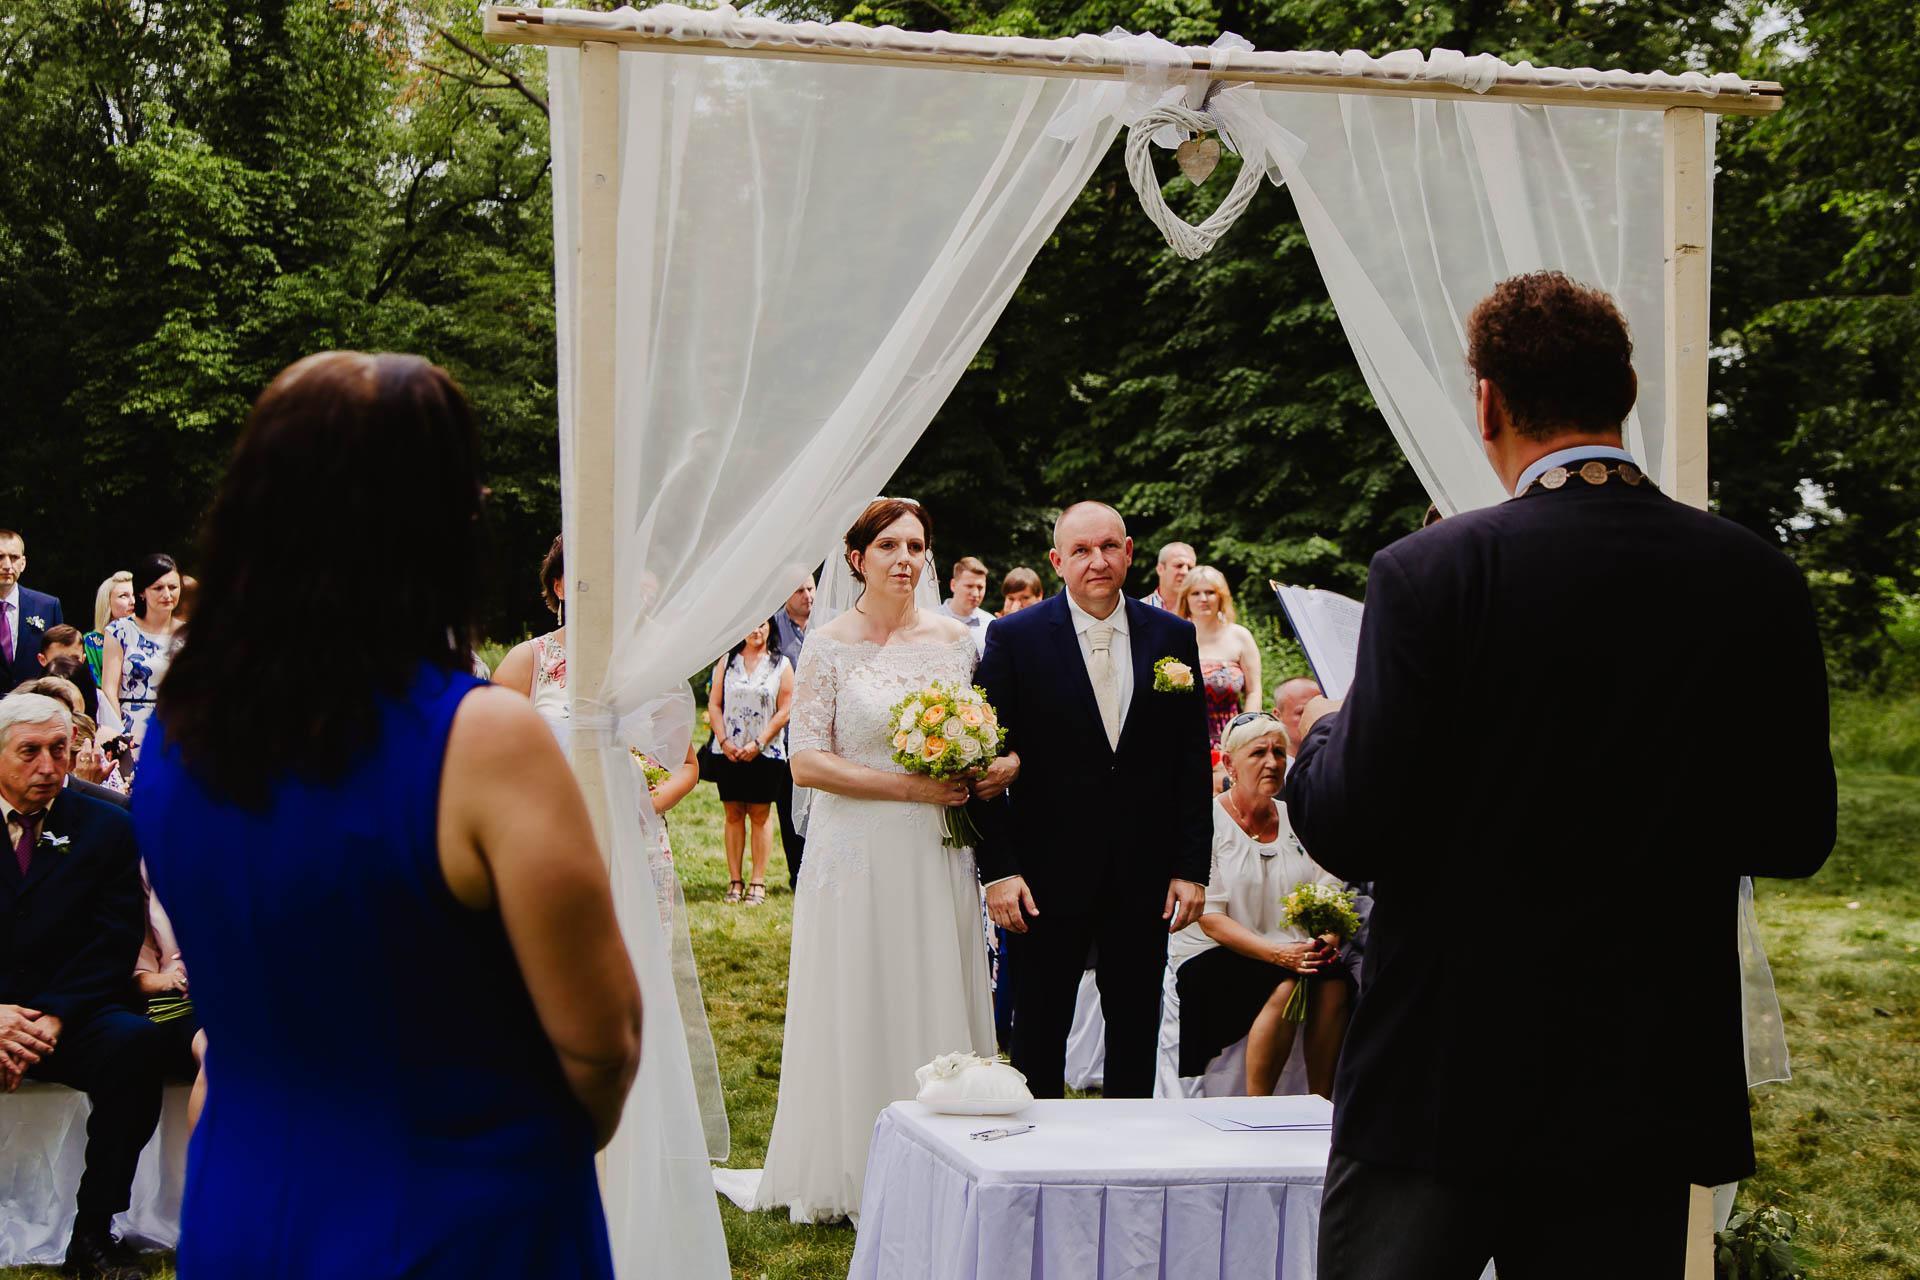 příprava-svatebního-obřadu-Lysá-nad-Labem-svatební-agentura-Svatbavenku-9196